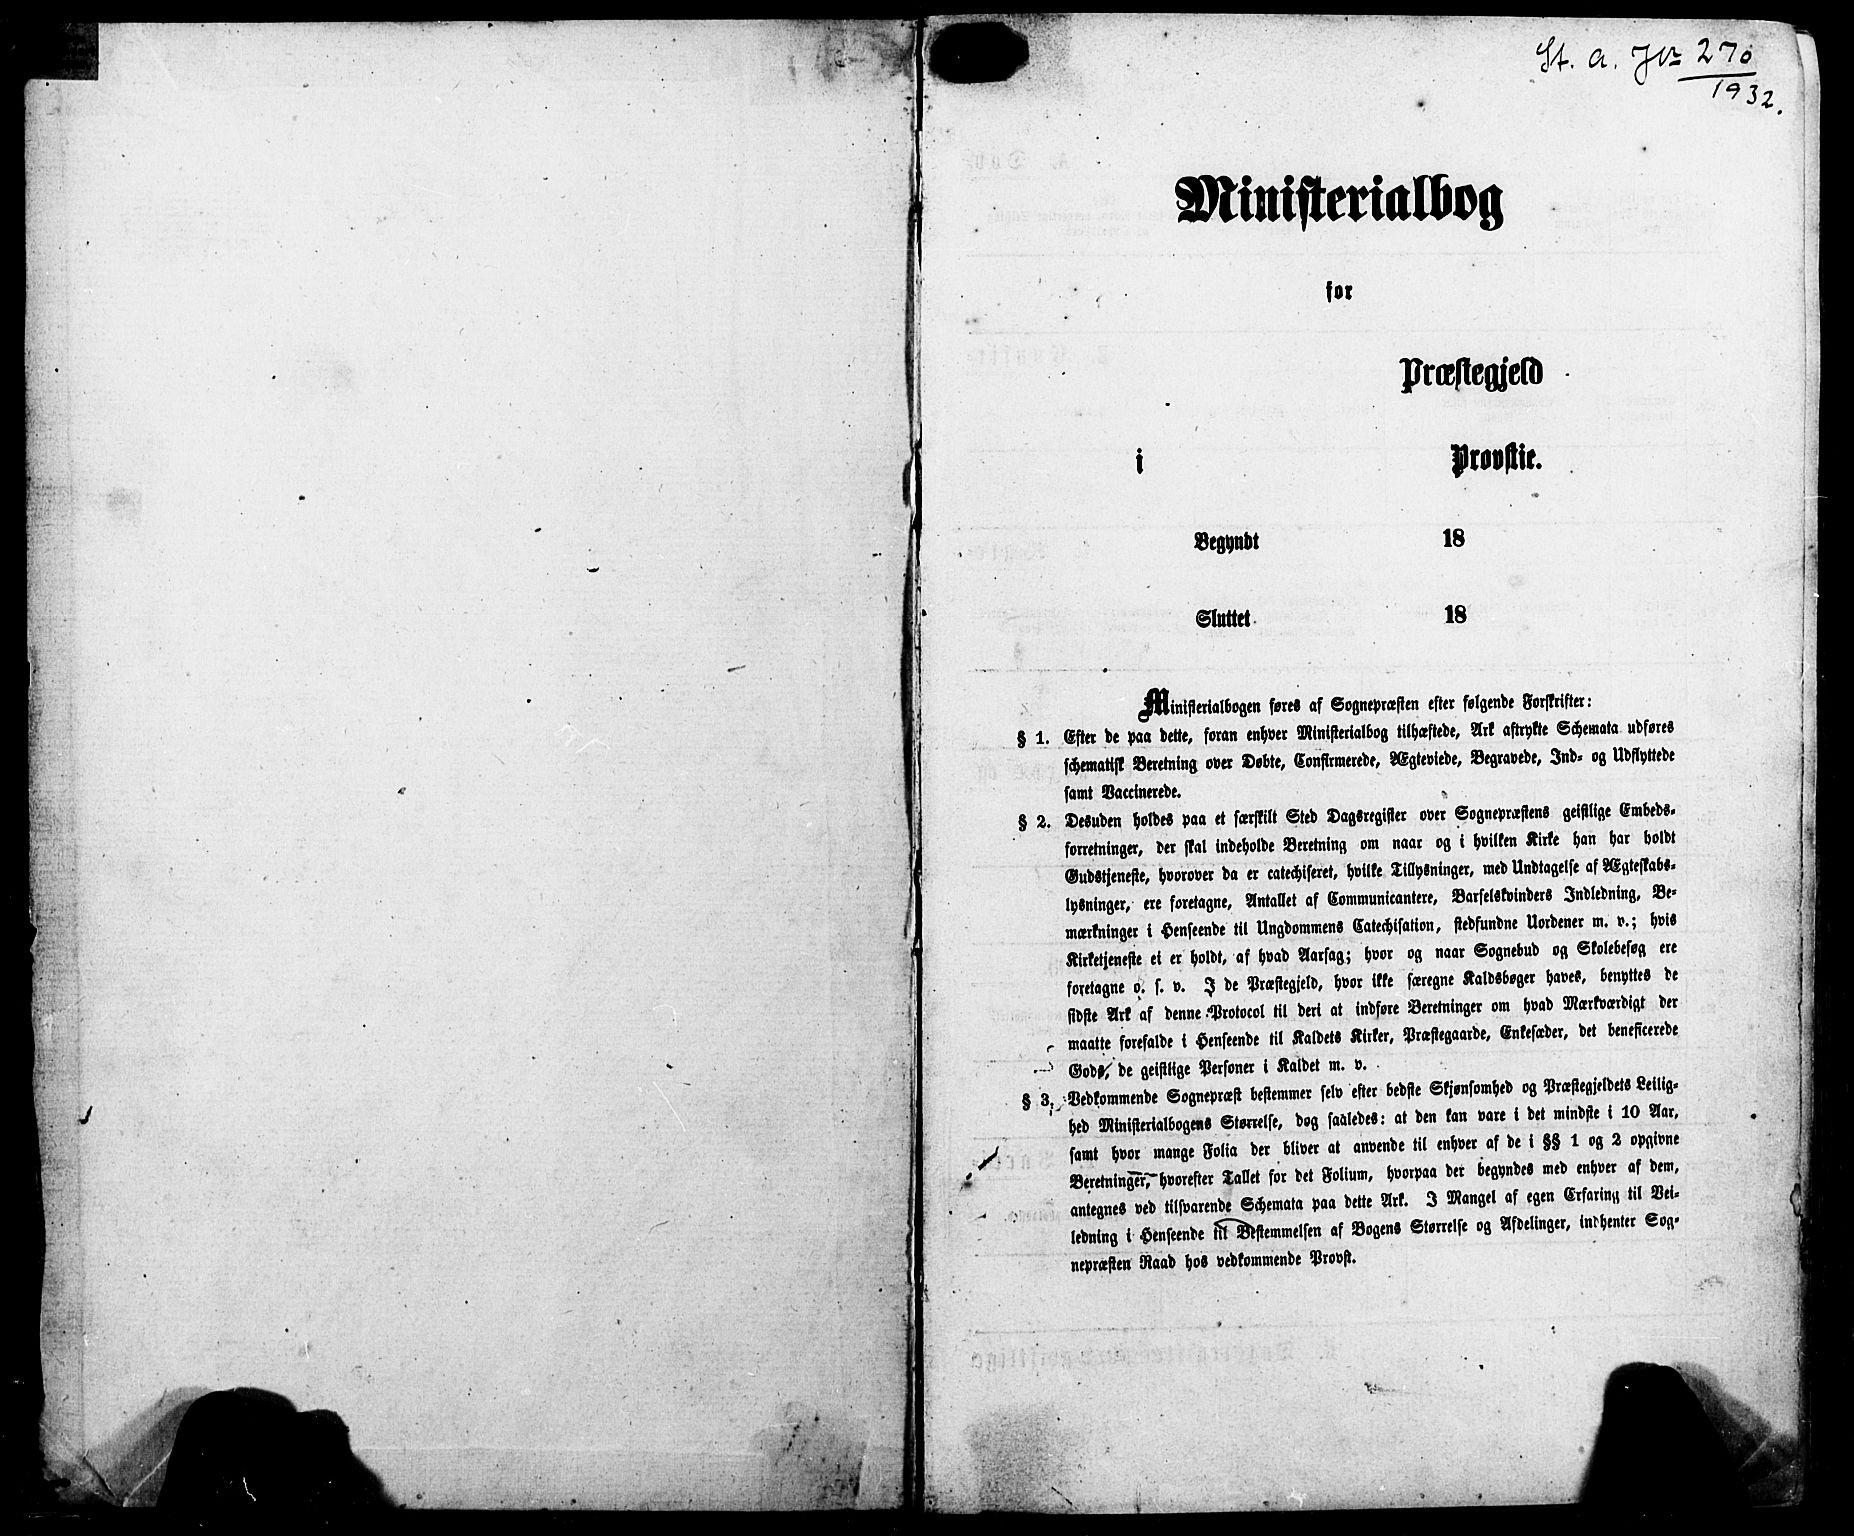 SAT, Ministerialprotokoller, klokkerbøker og fødselsregistre - Nord-Trøndelag, 740/L0380: Klokkerbok nr. 740C01, 1868-1902